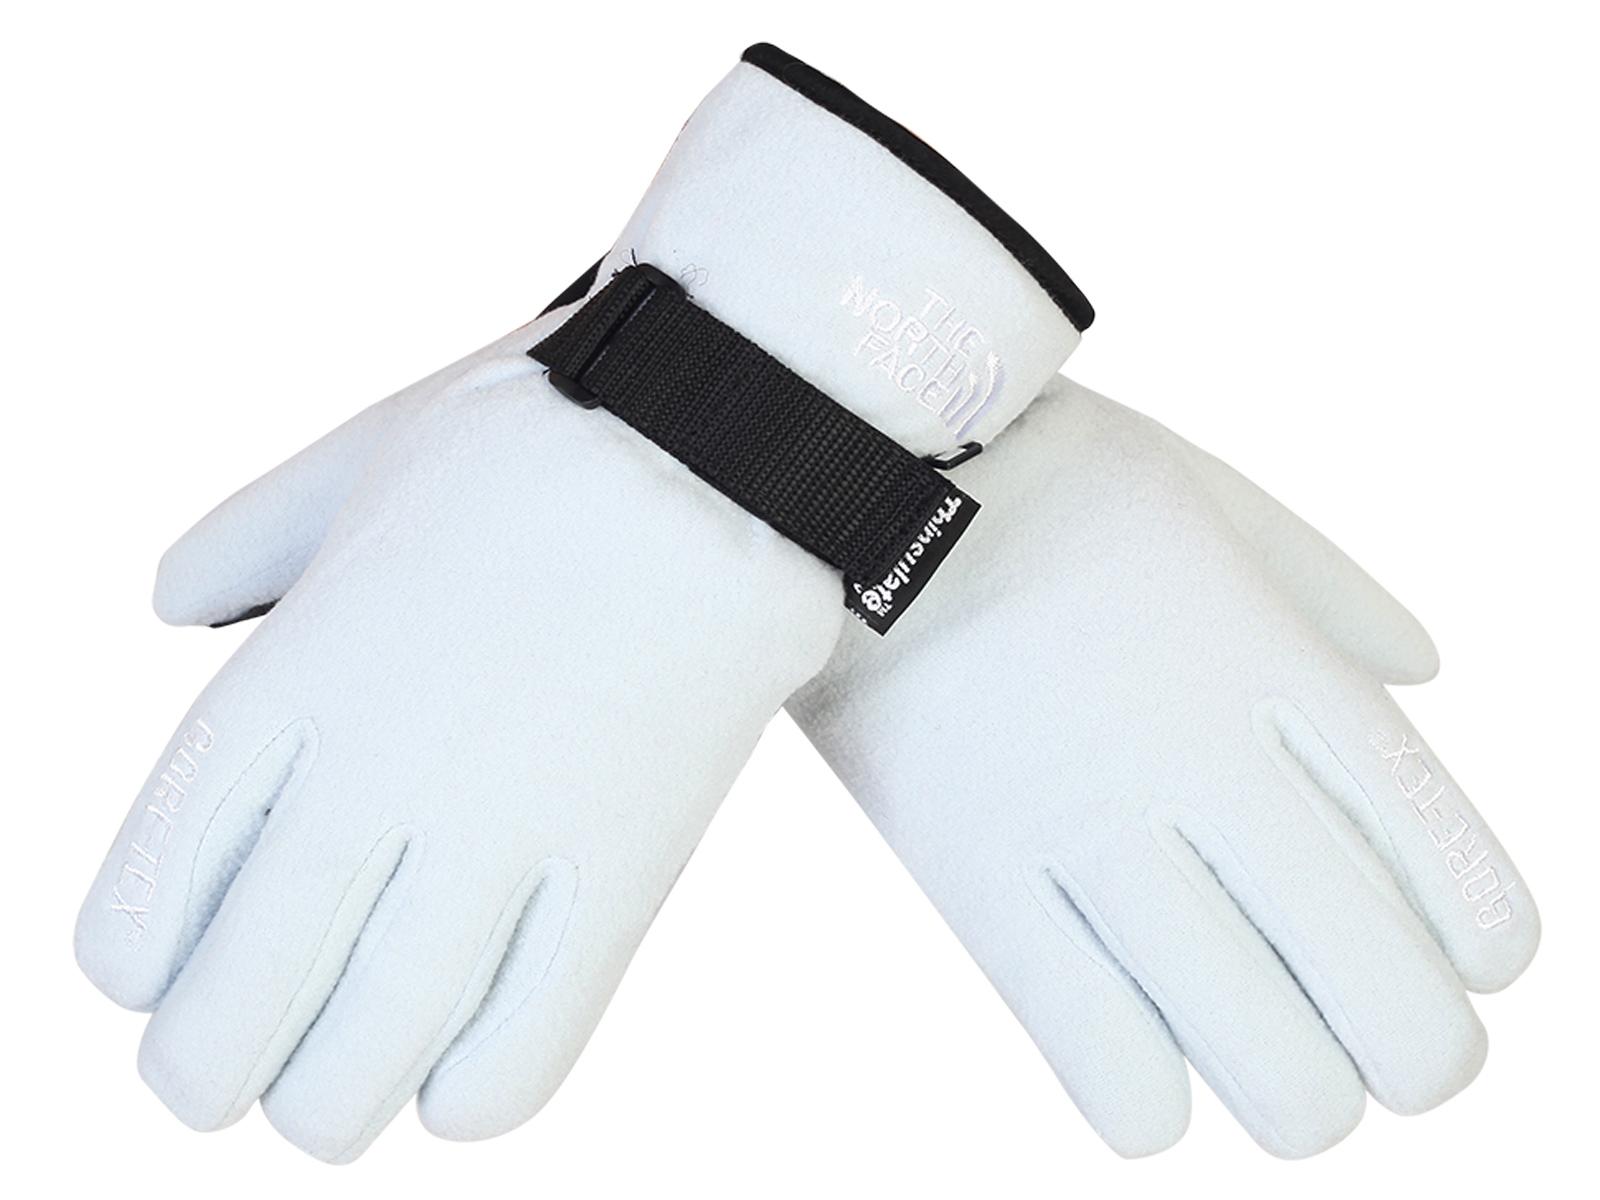 Фирменные перчатки The North Face